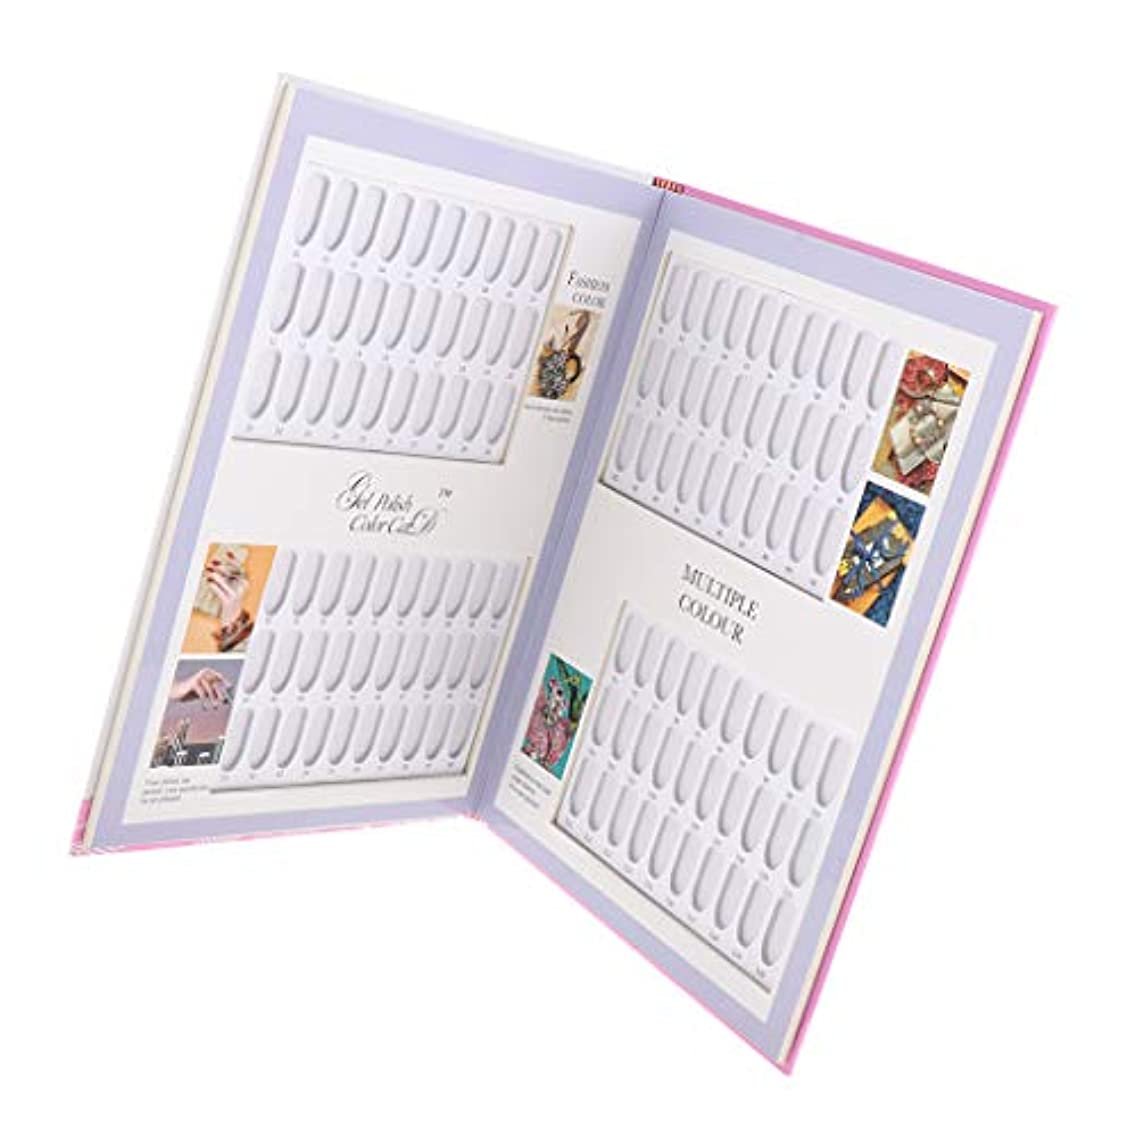 パスかまど鼓舞するネイルカラーチャート ブック ネイルマニキュア カラー色見本 ネイルサンプル帳 色見本帳 ネイルサロン 全3種 - 05